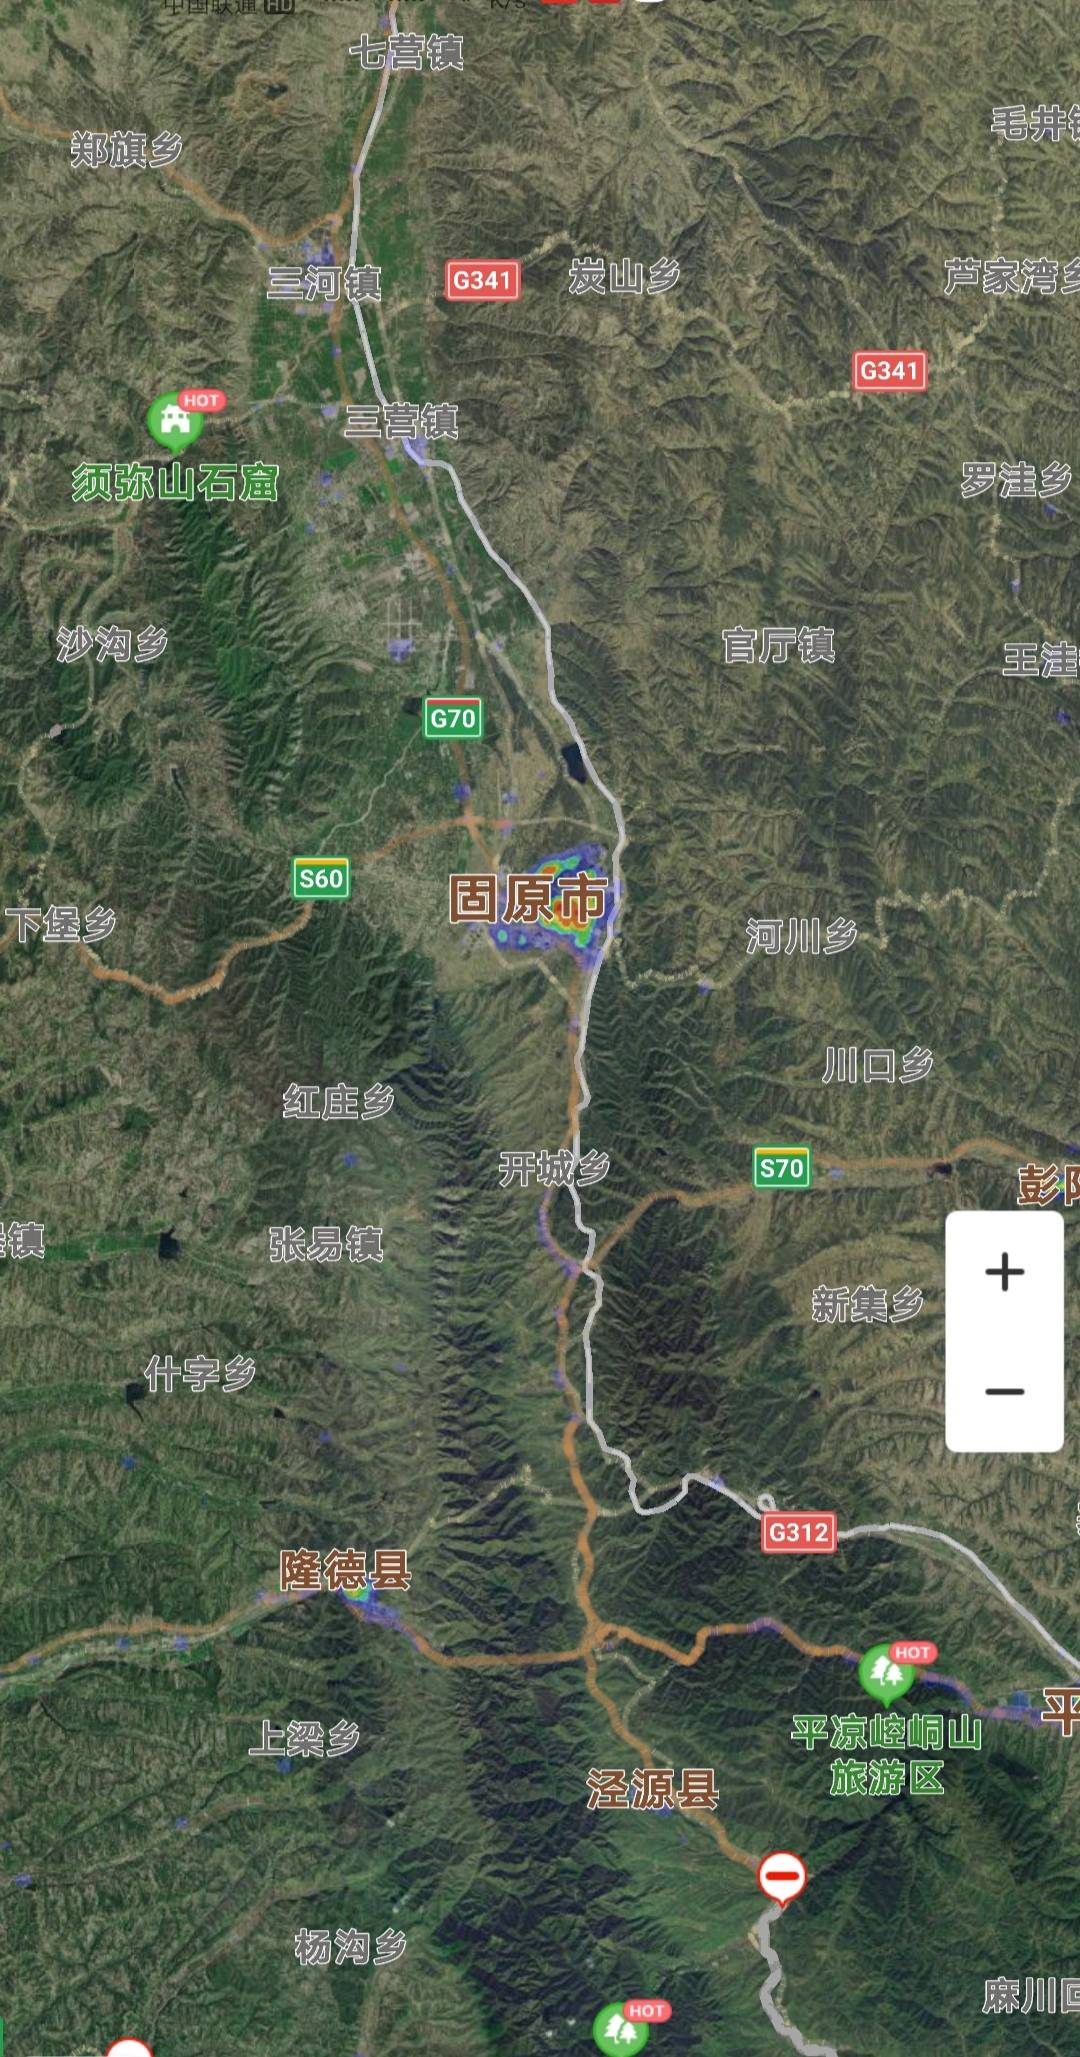 固原市城区人口有多少(2)